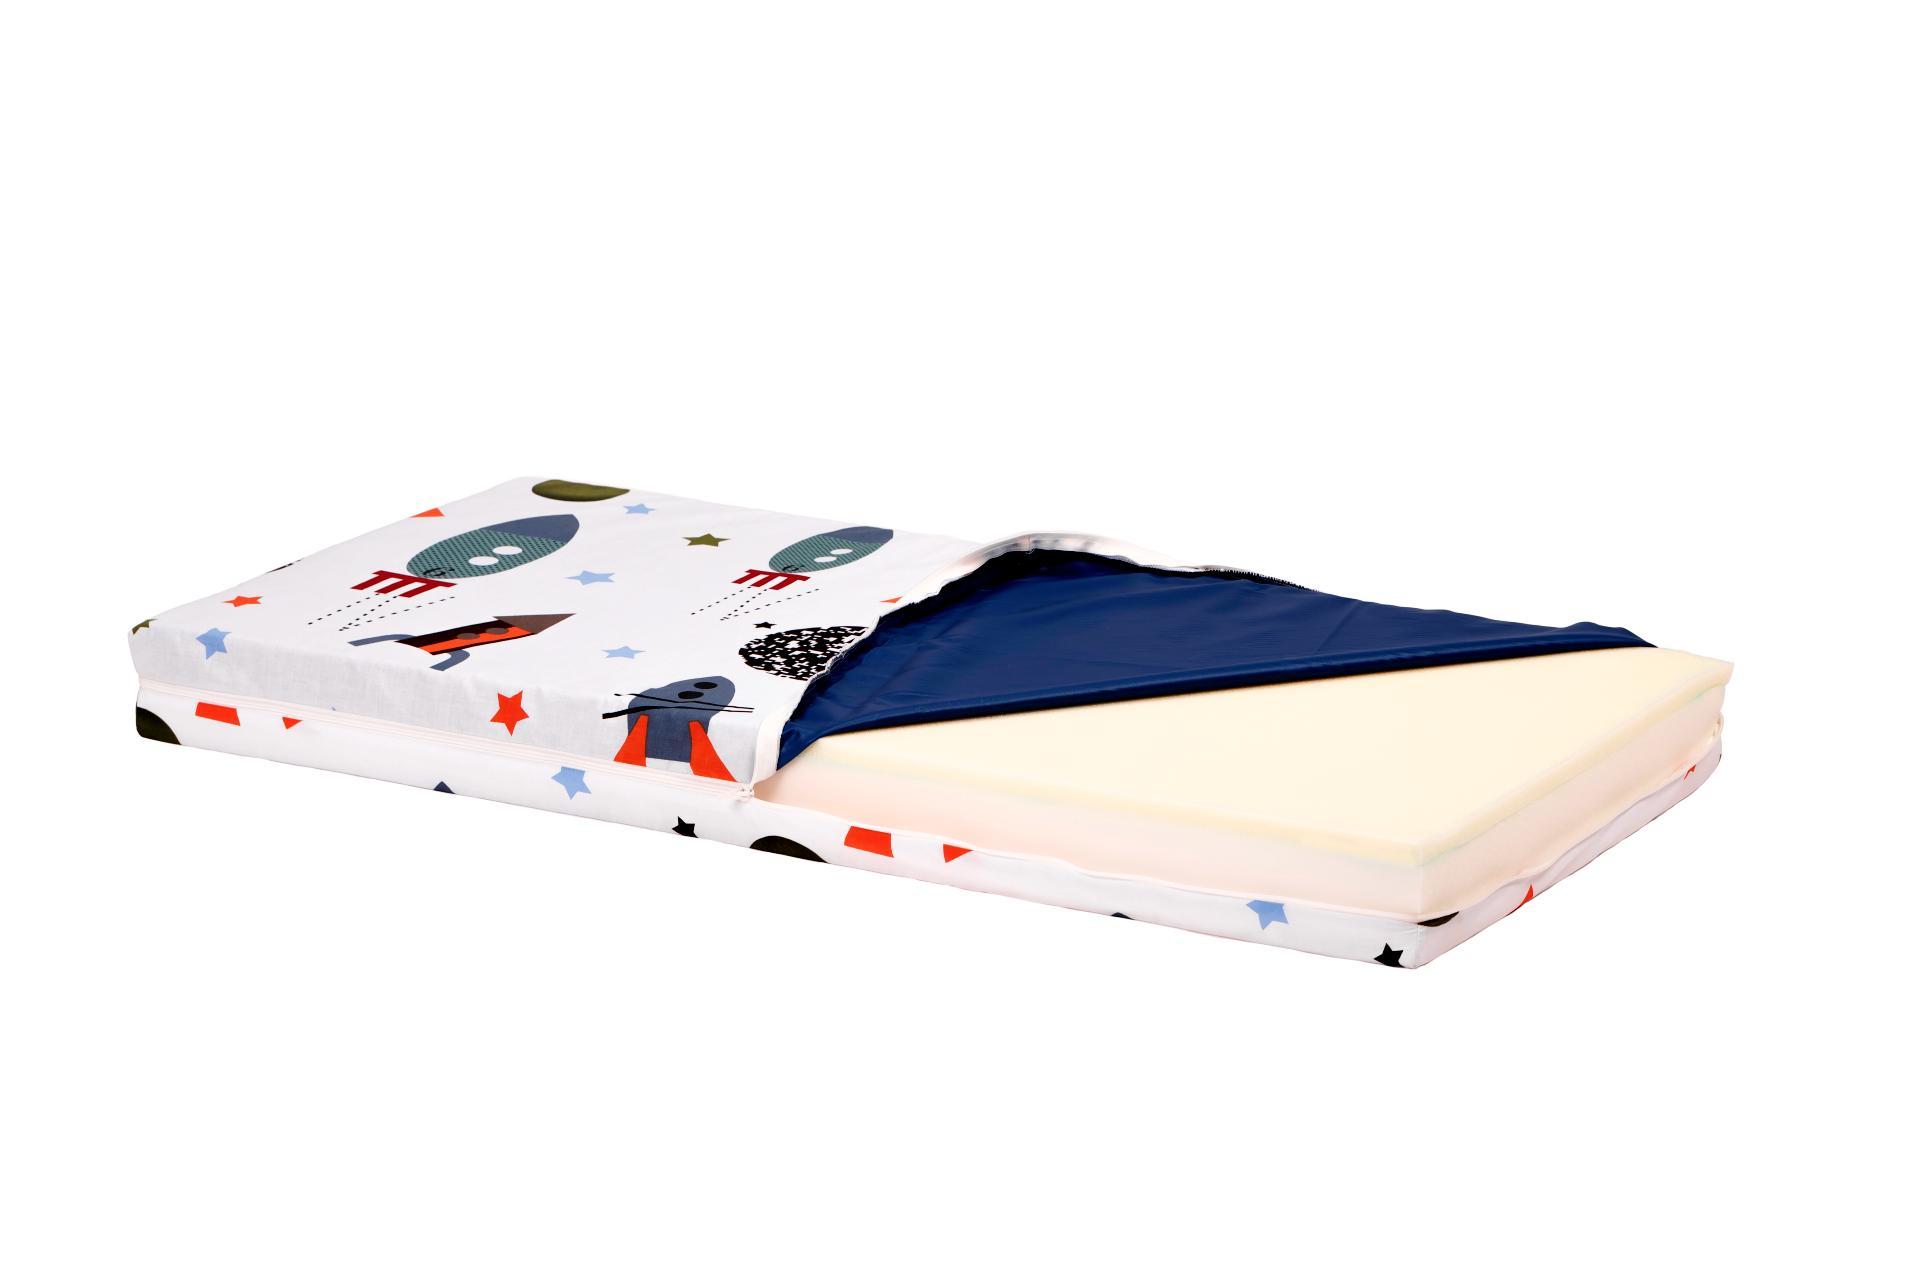 Saltea Pat Somnart Ortopedica cu husa protectie impermeabila pentru bebelusi si copii model Rachete 60x120 poza somnart.ro